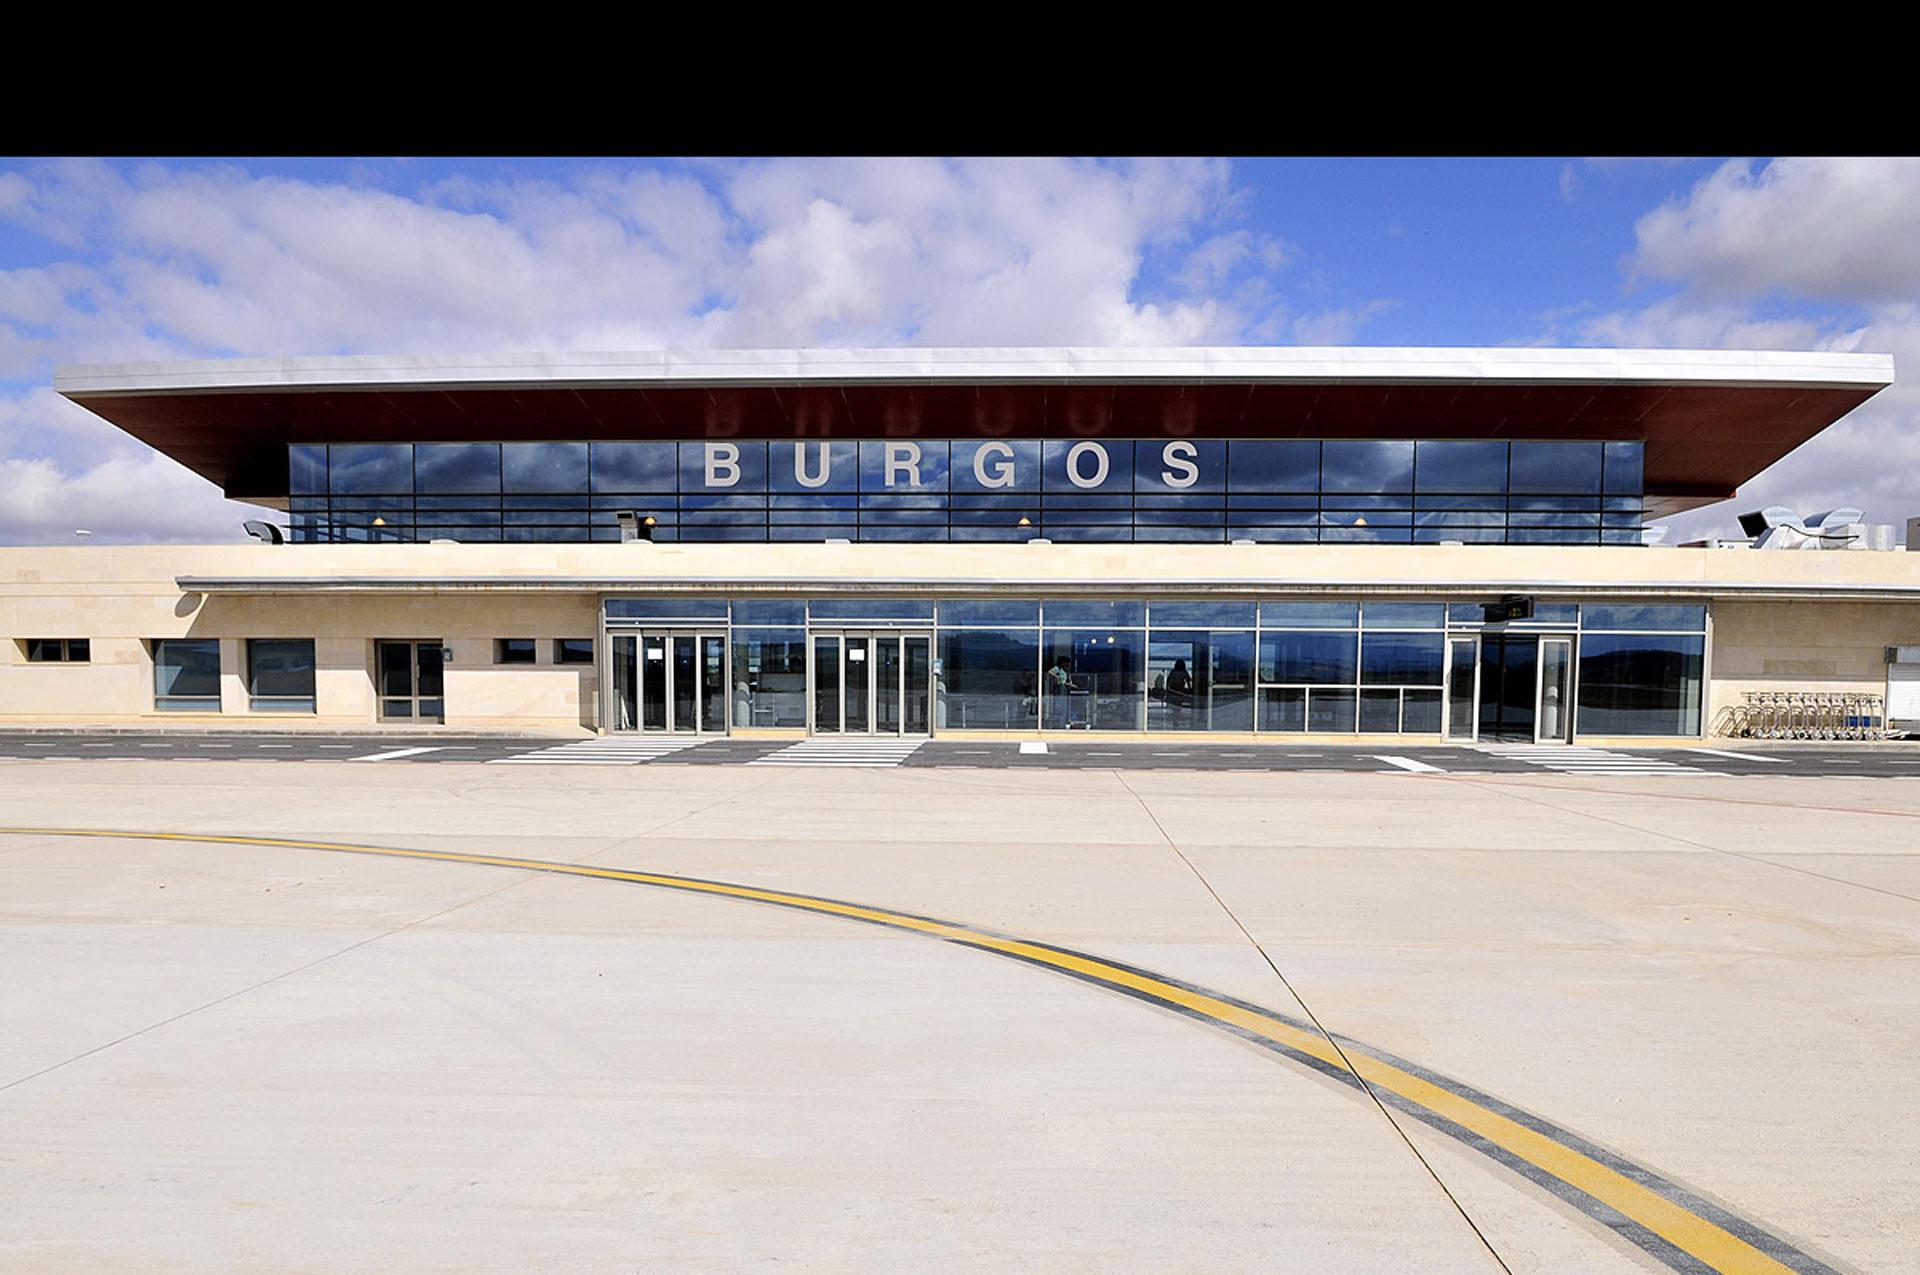 El vuelo, que se dirigía a Egipto, tuvo que aterrizar de emergencia en Bulgaria